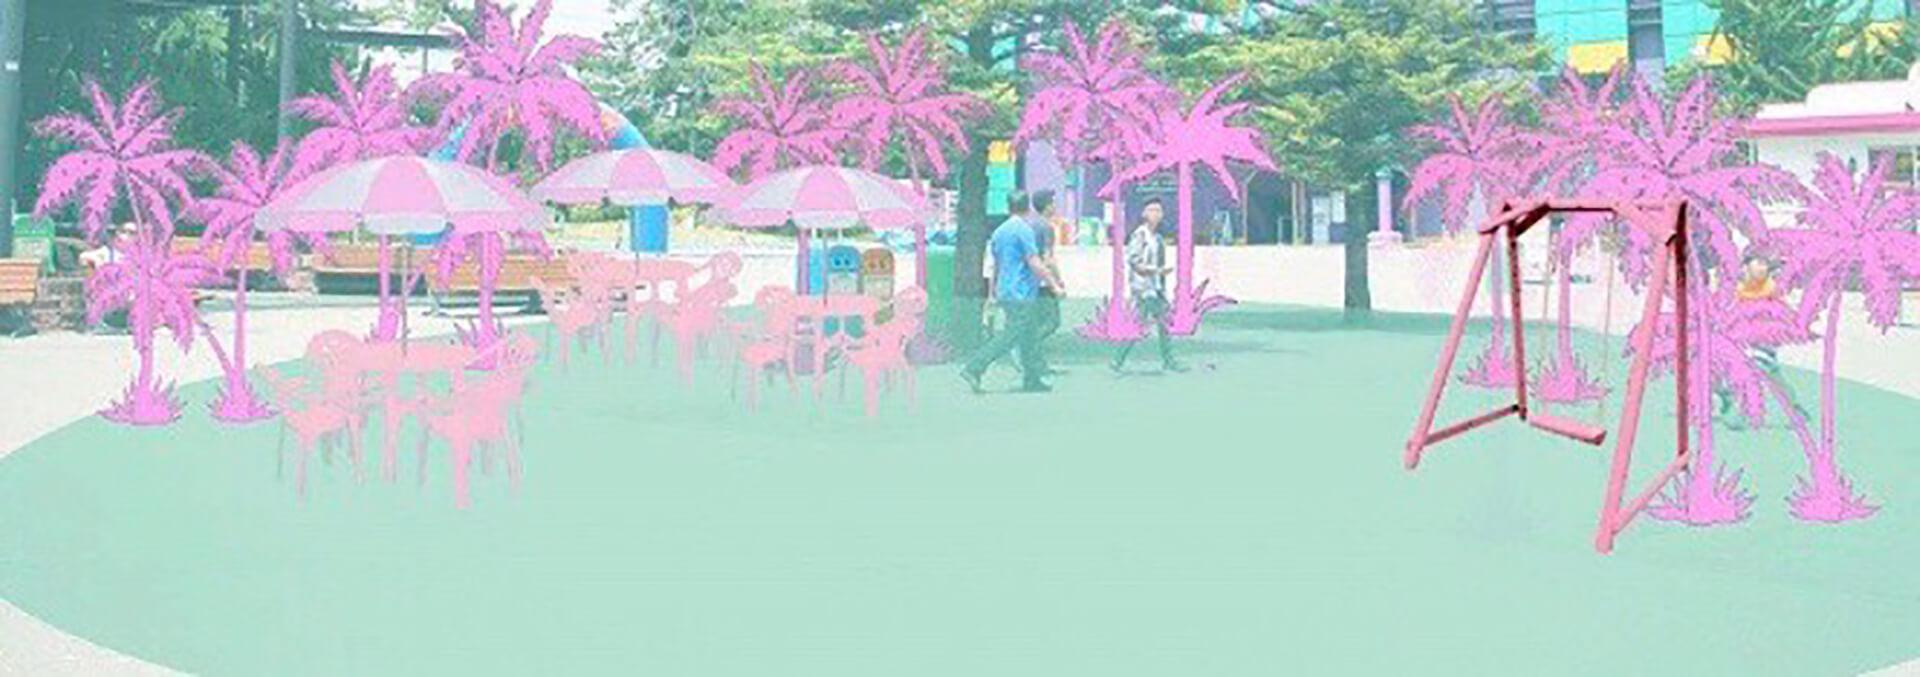 この写真は東京タピオカランドのイメージをイラストで。夏っぽい雰囲気となっています